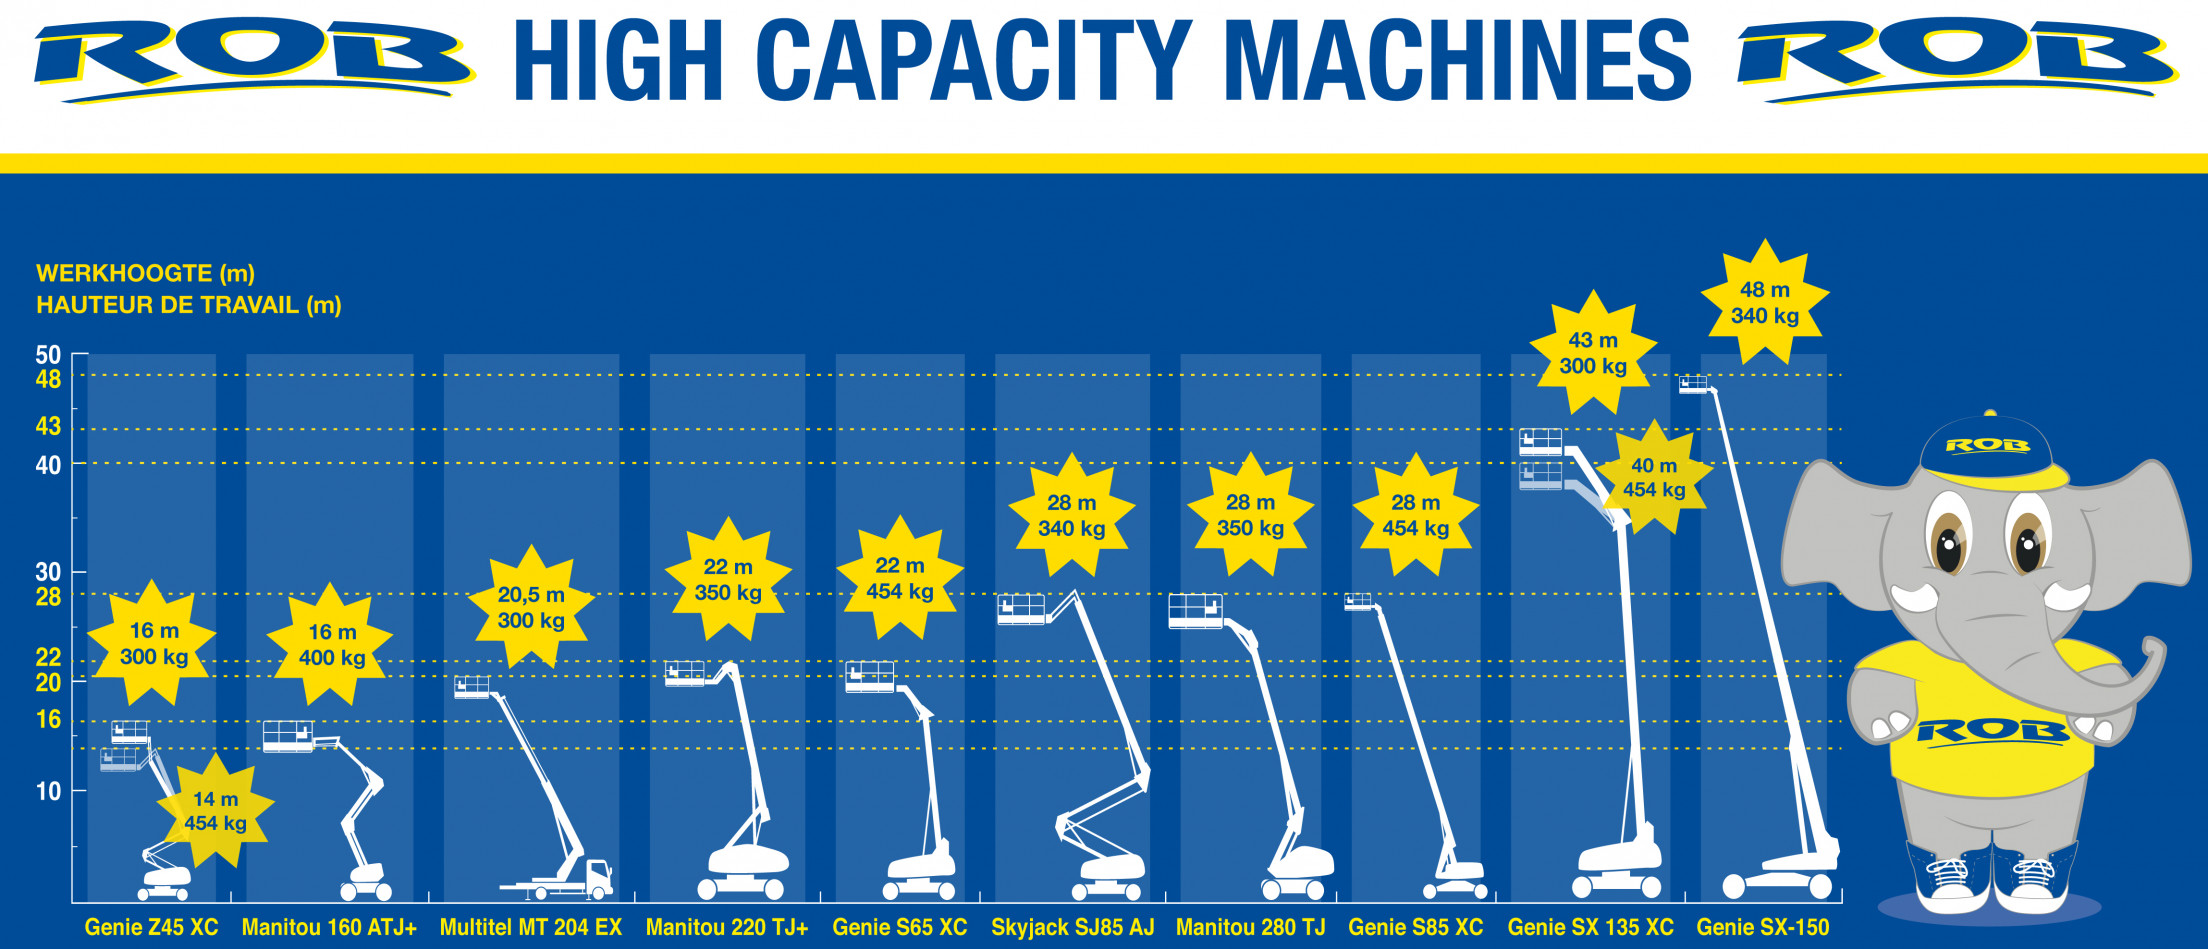 High Capacity machines